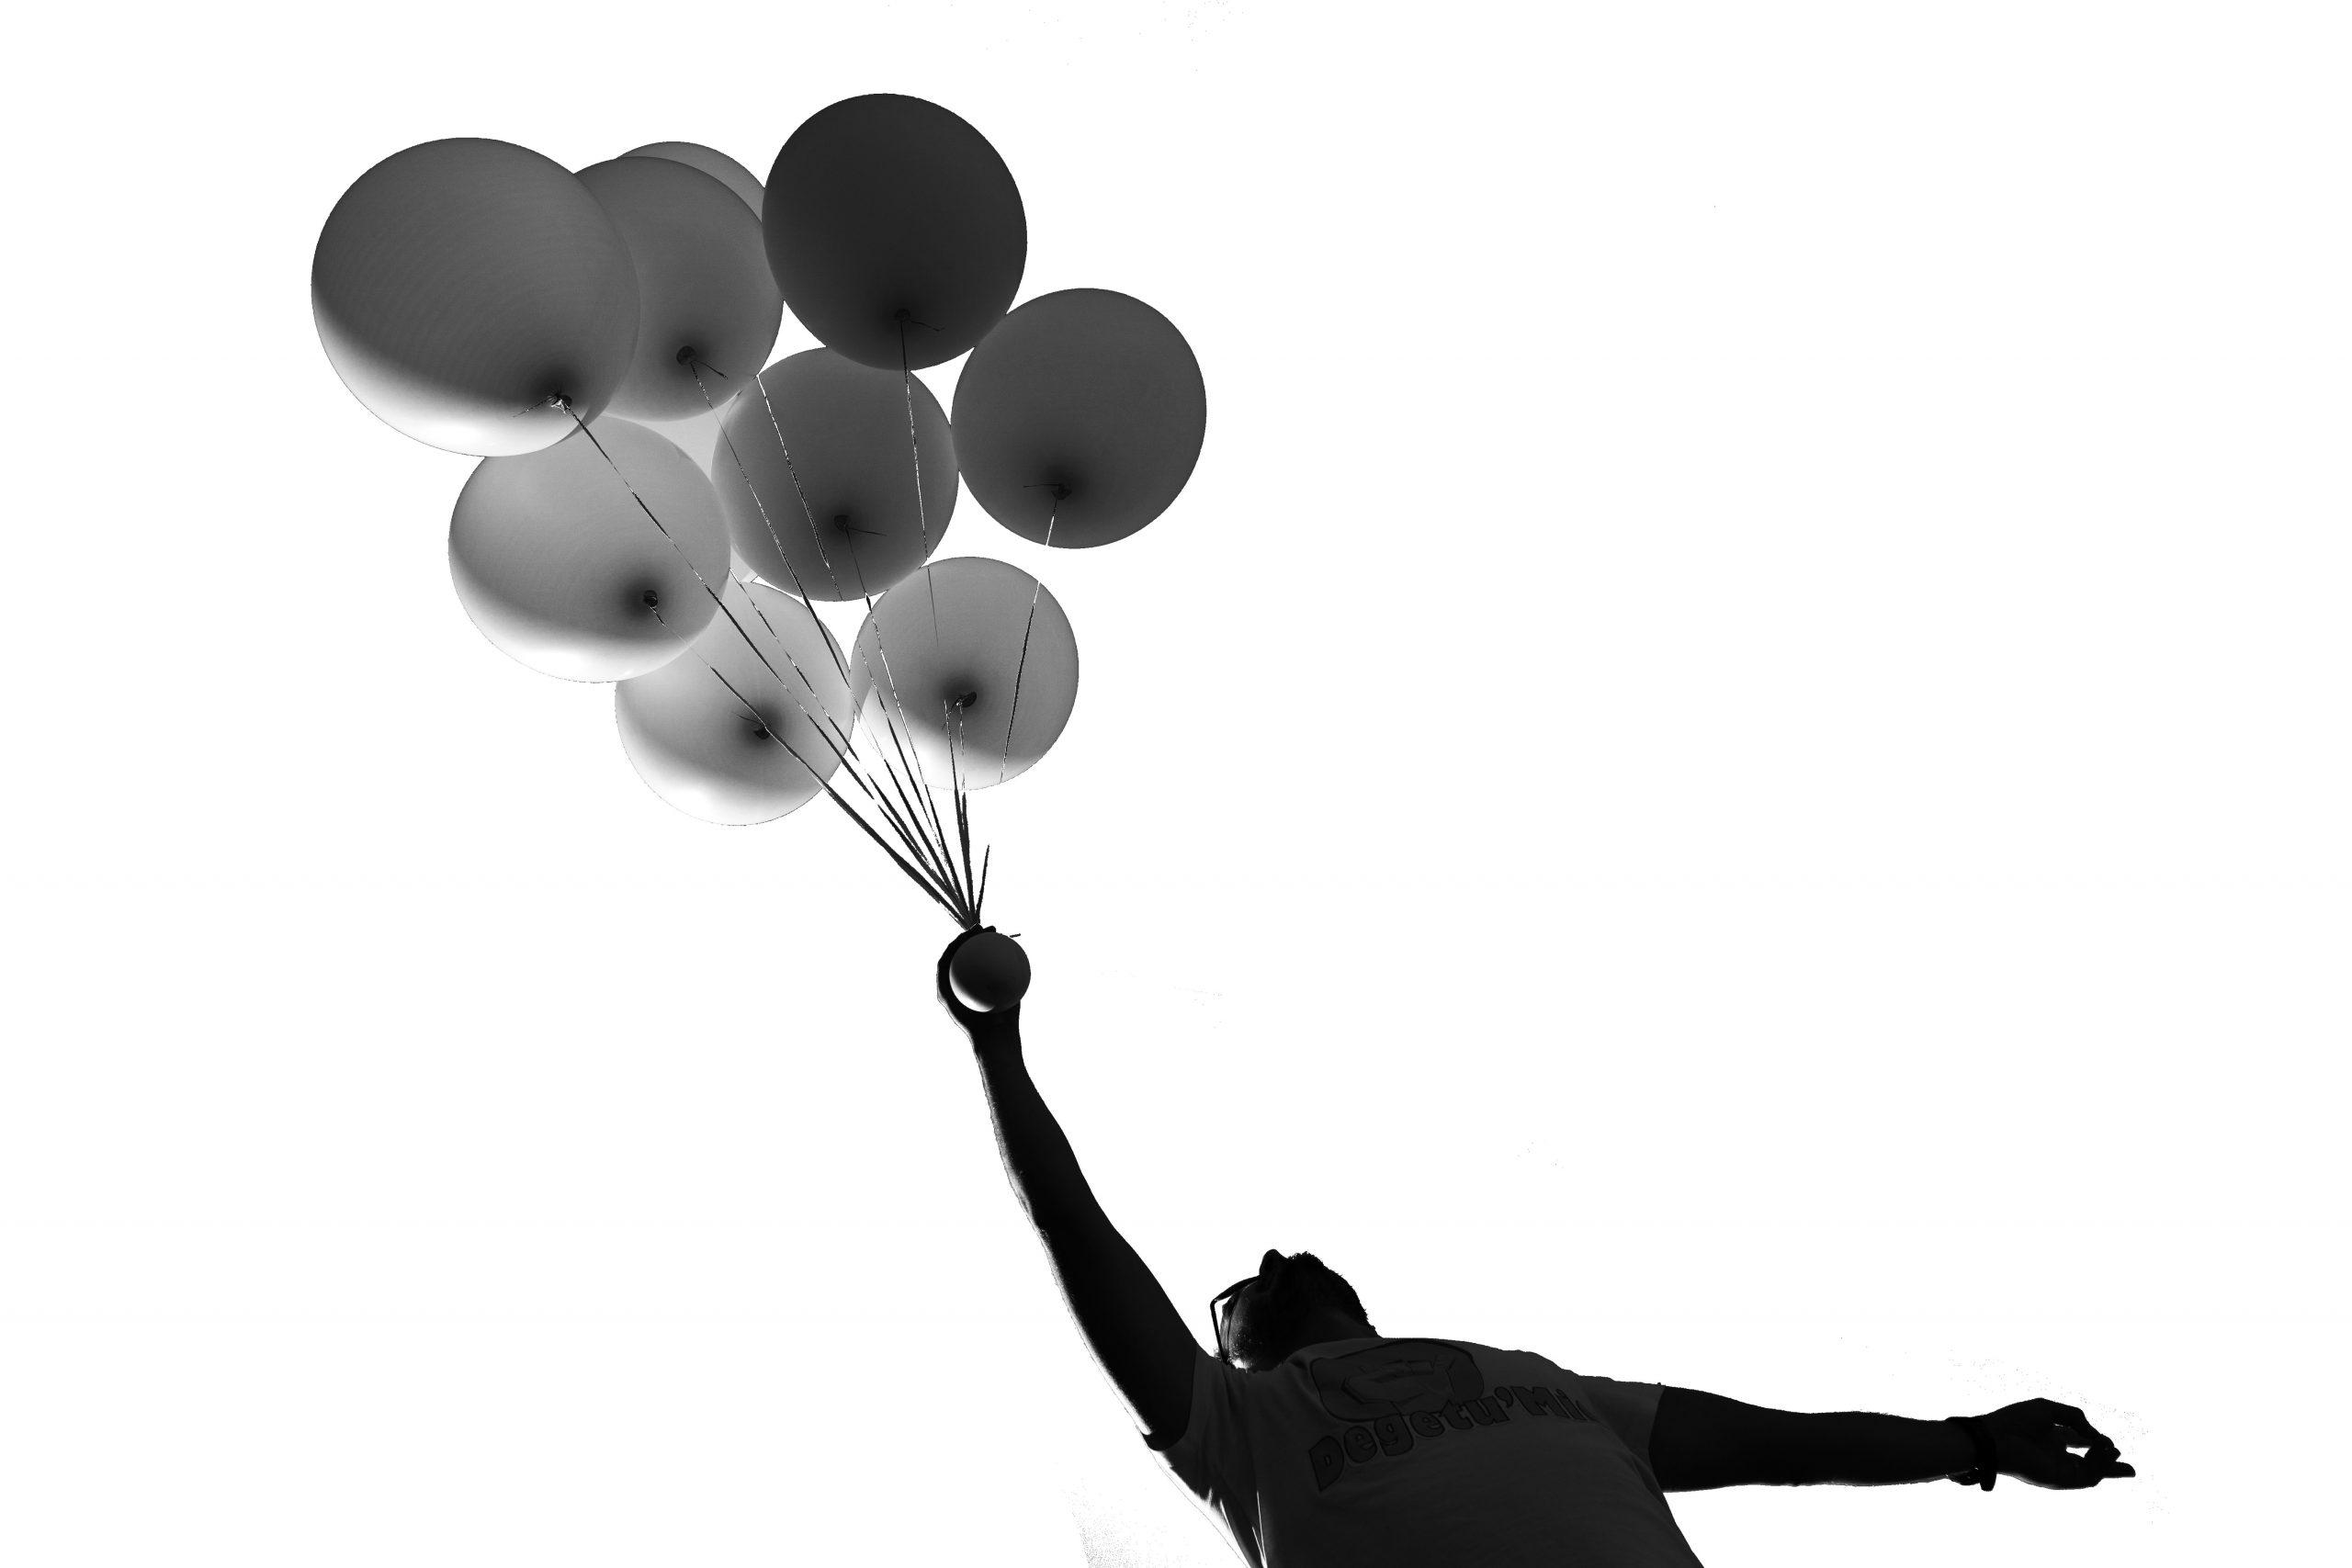 Geen proefballonnetjes meer. Kabinet moet leiderschap tonen.